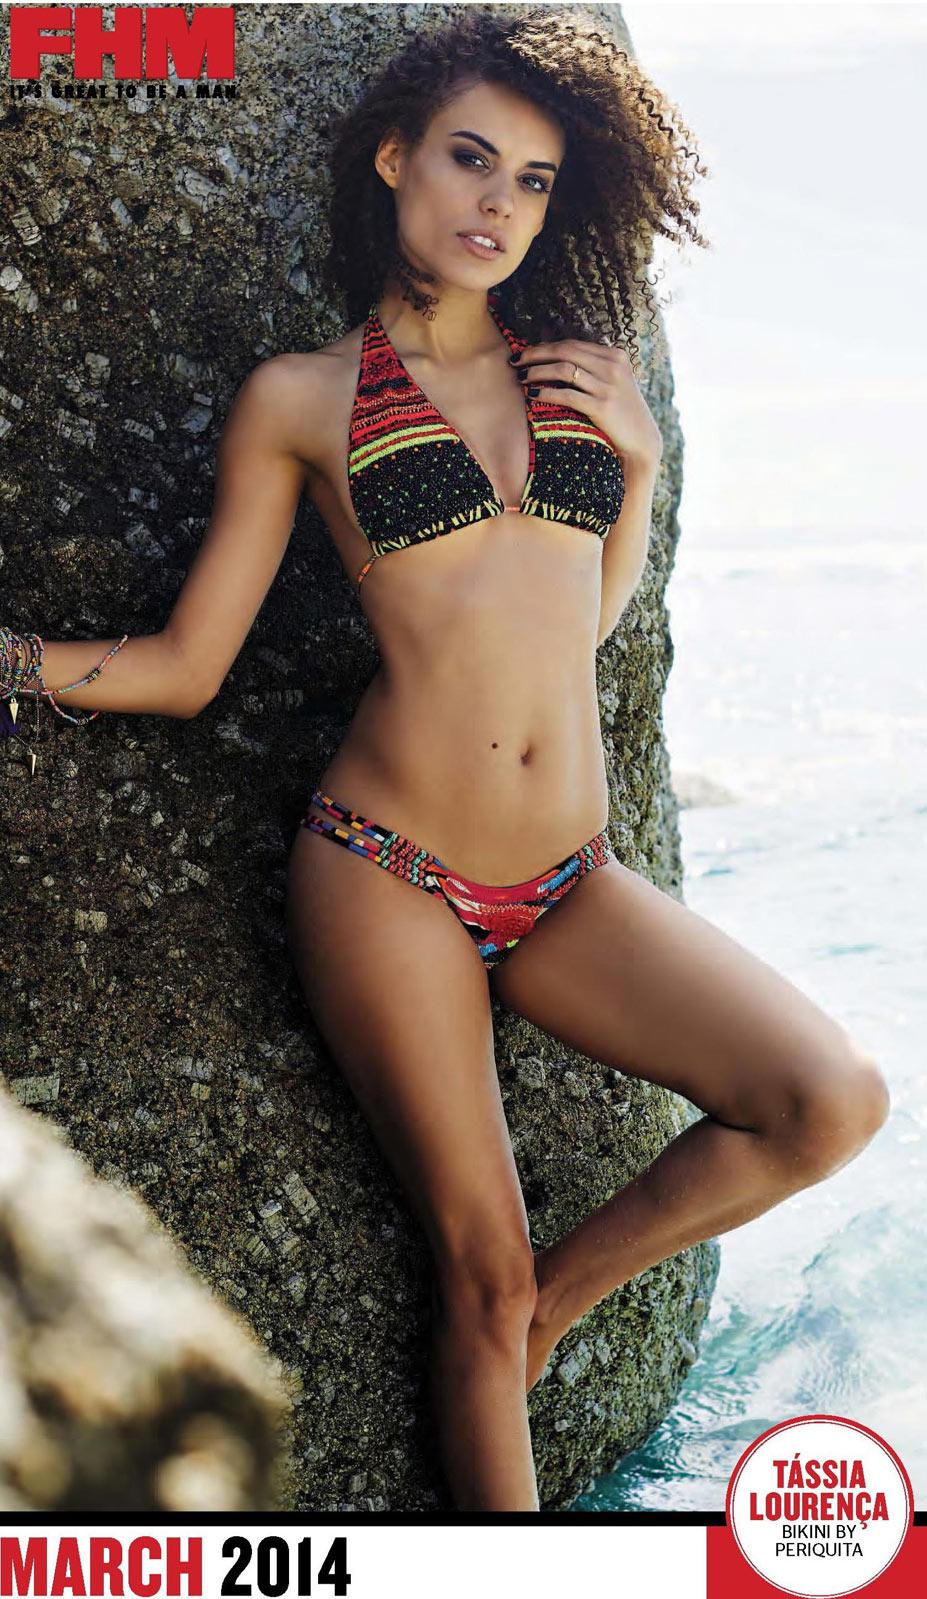 Сексуальные девушки в календаре журнала FHM South Africa 2014 - Tassia Lourenca